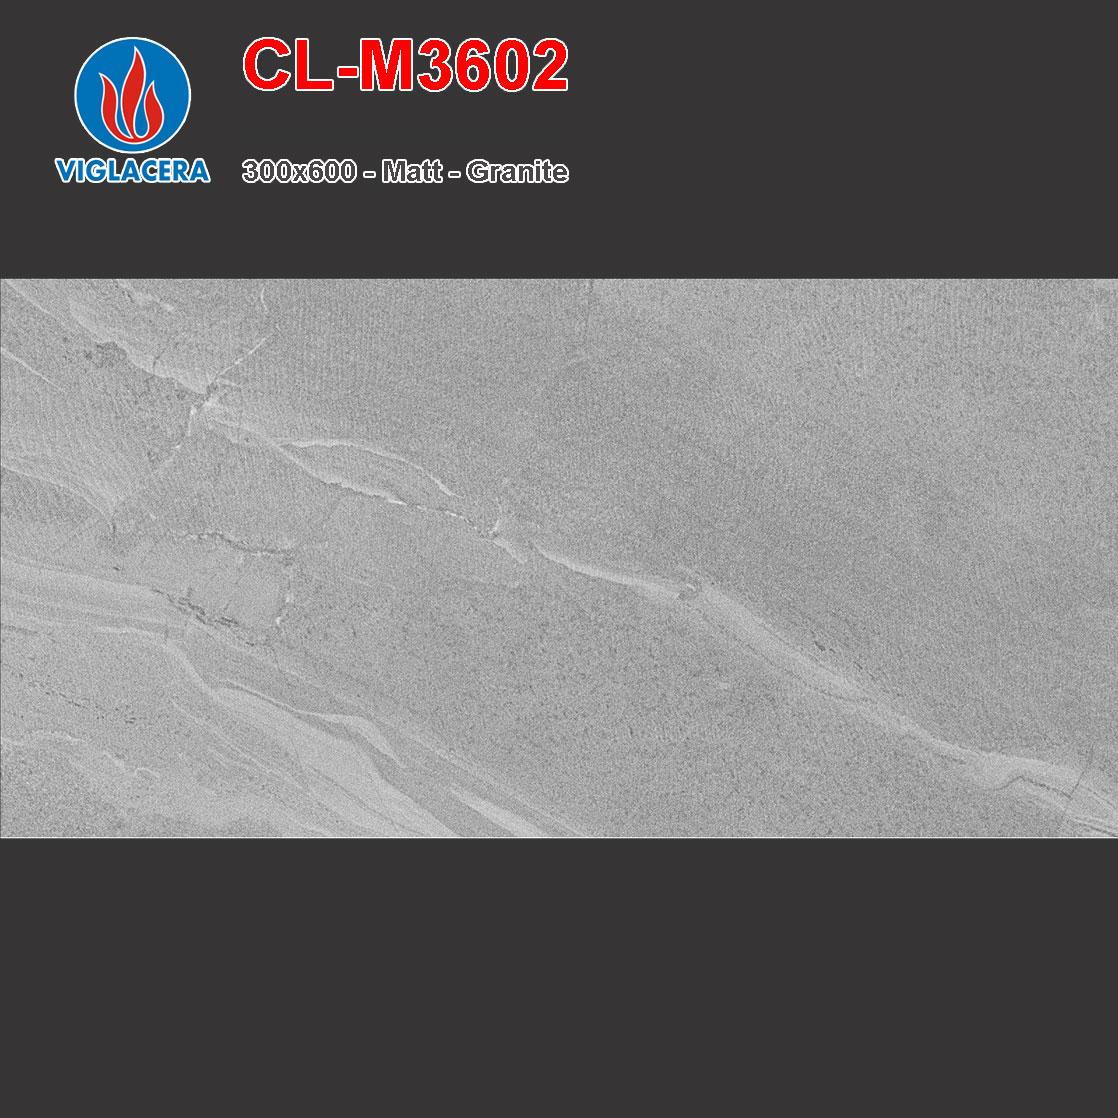 Gạch300x600 Viglacera Cửu Long CL-M3602 giá rẻ